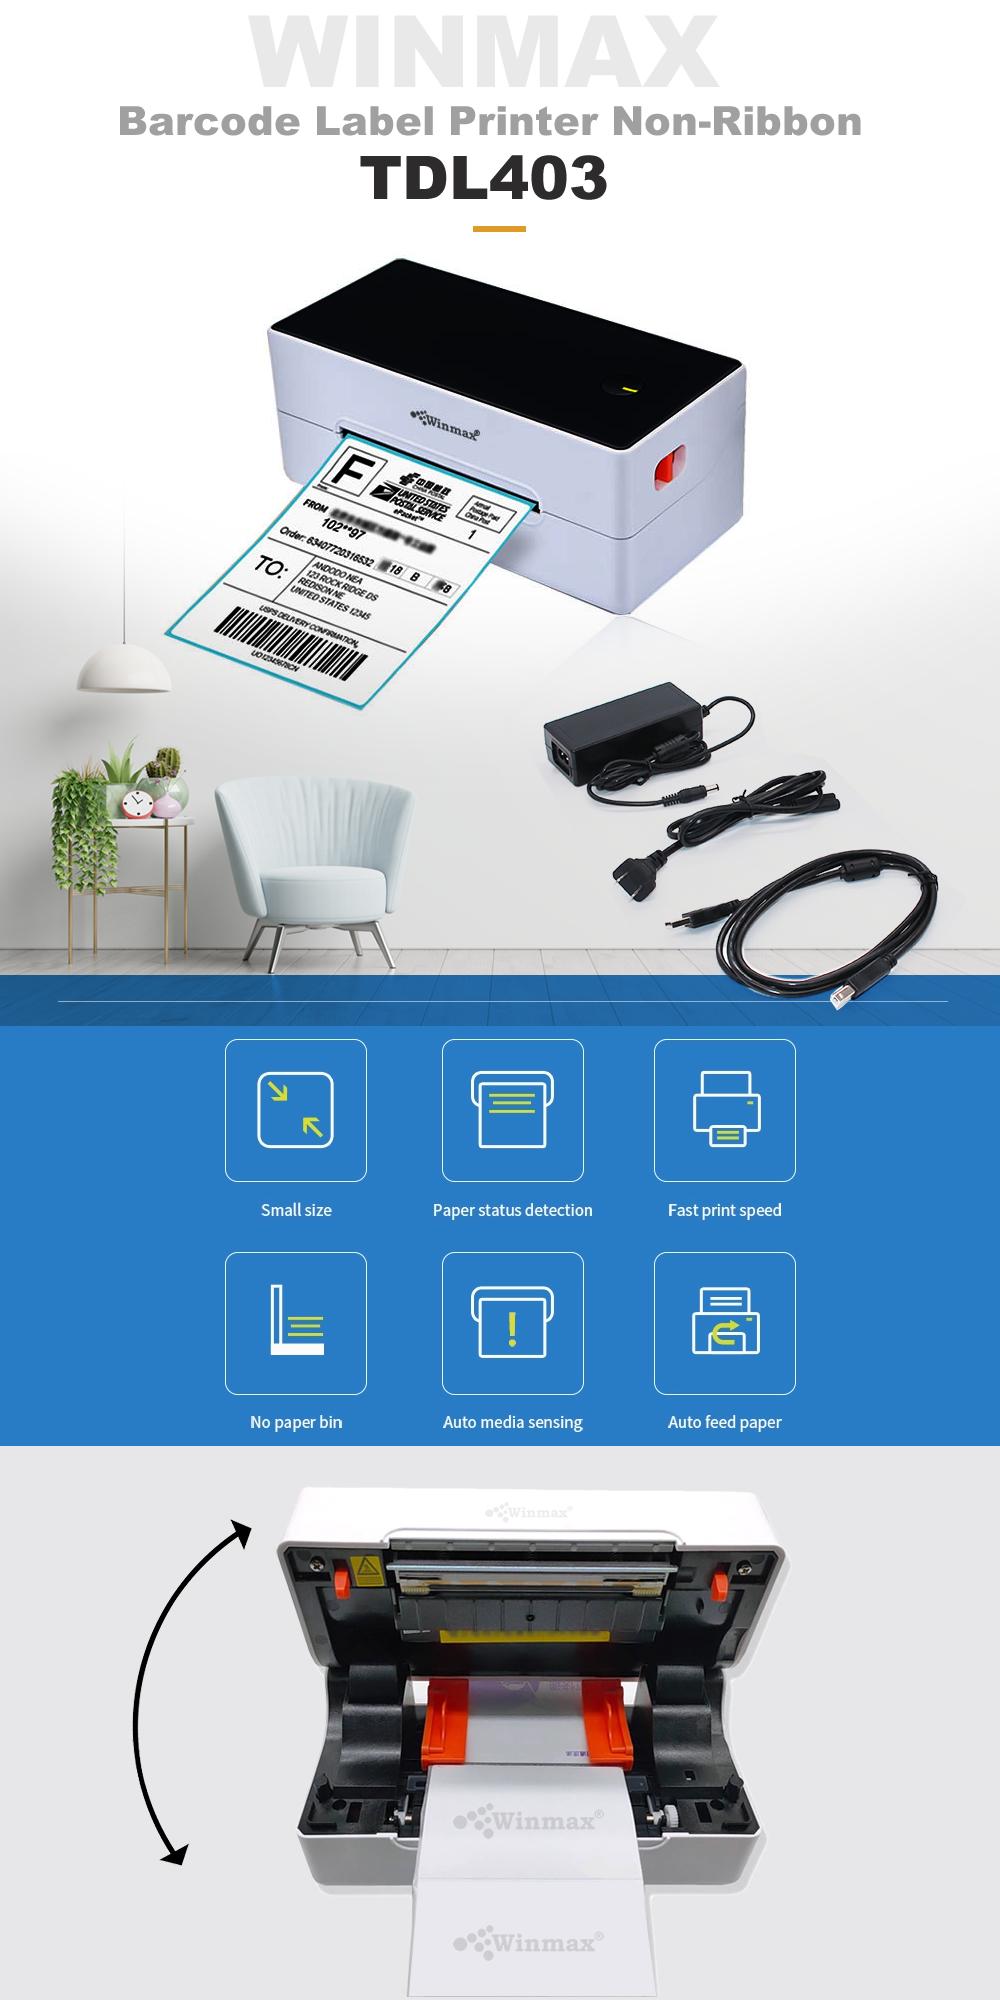 เครื่องพิมพ์ฉลากบาร์โค้ด Label Printer Winmax-TDL403